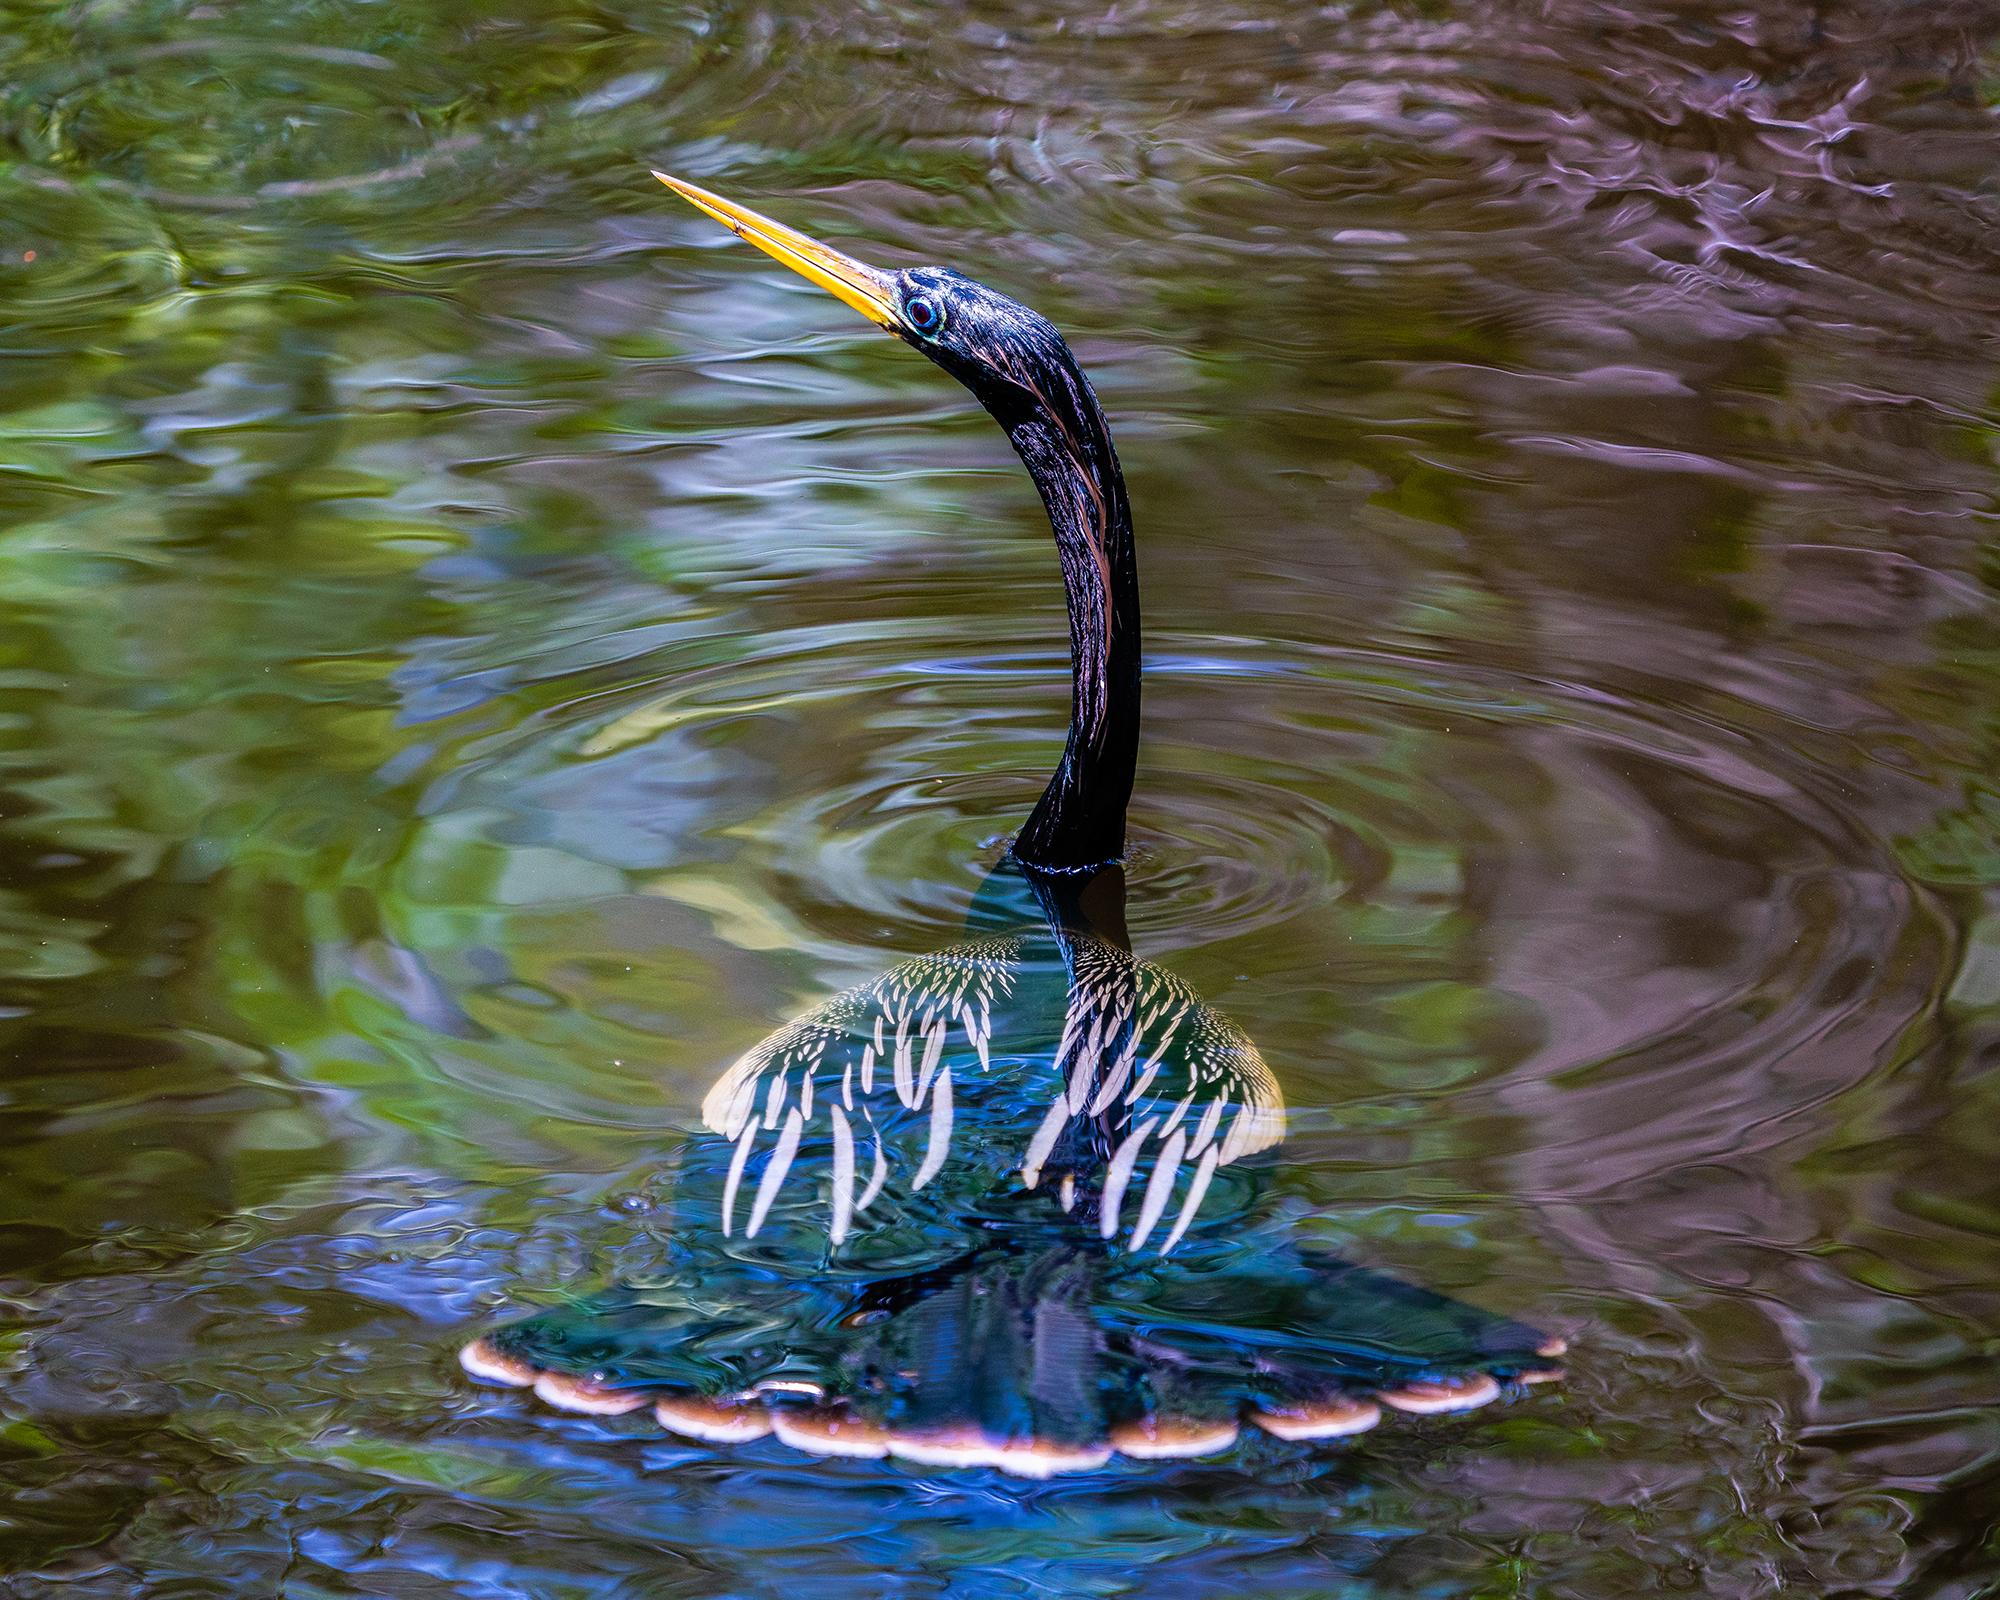 #anhinga, #maleanhinga, #corkscrew, #underwater, #snakebird, #action, #bird, #sony, #sonyzeiss